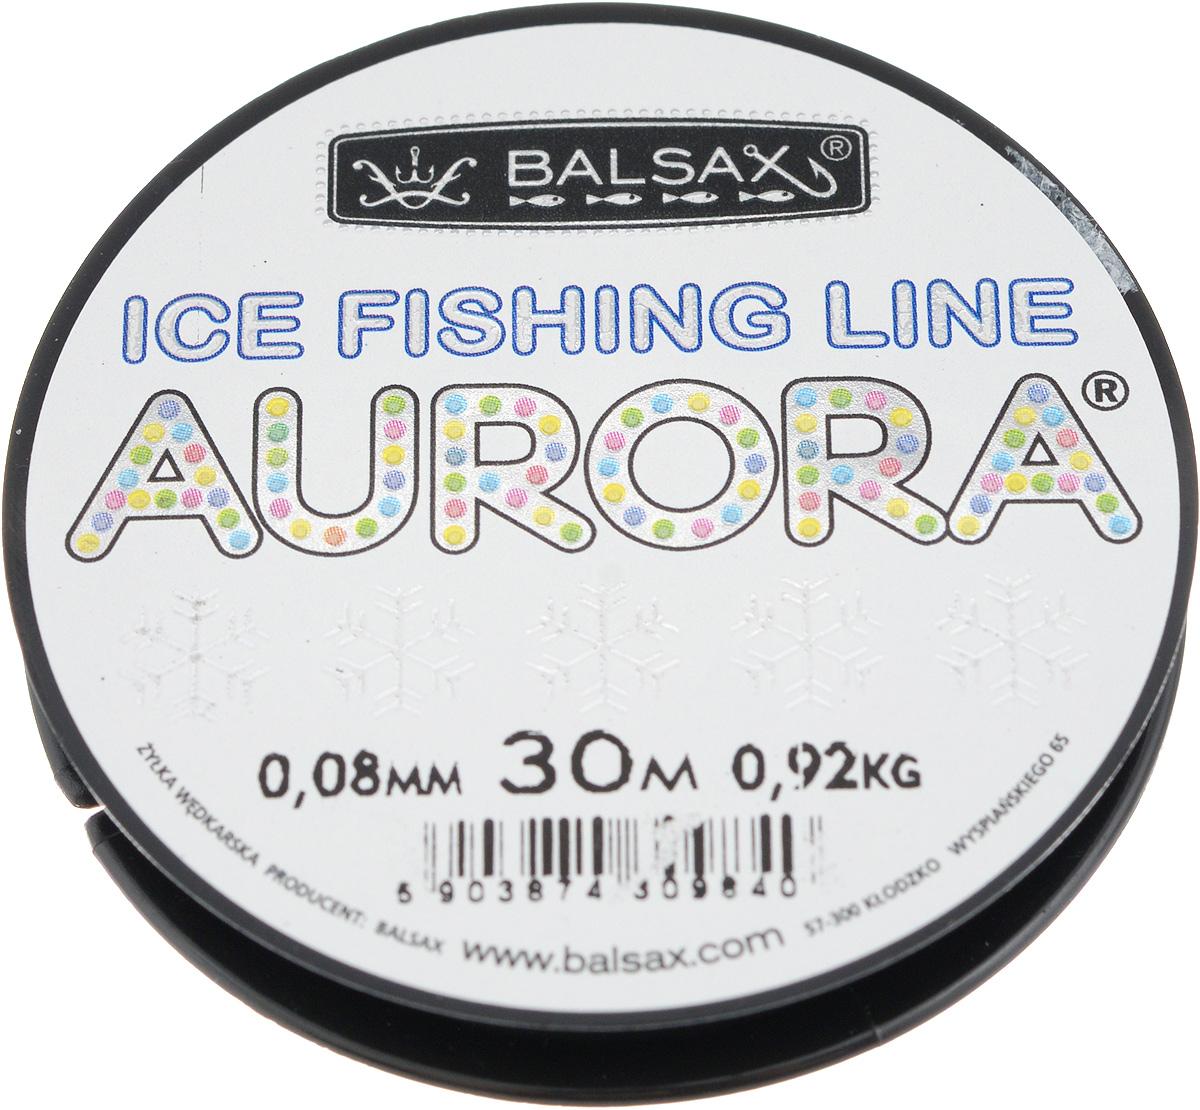 Леска зимняя Balsax Aurora, 30 м, 0,08 мм, 0,92 кг59273Леска Balsax Aurora изготовлена из 100% нейлона и очень хорошо выдерживает низкие температуры. Даже в самом холодном климате, при температуре вплоть до -40°C, она сохраняет свои свойства практически без изменений, в то время как традиционные лески становятся менее эластичными и теряют прочность.Поверхность лески обработана таким образом, что она не обмерзает и отлично подходит для подледного лова. Прочна в местах вязки узлов даже при минимальном диаметре.